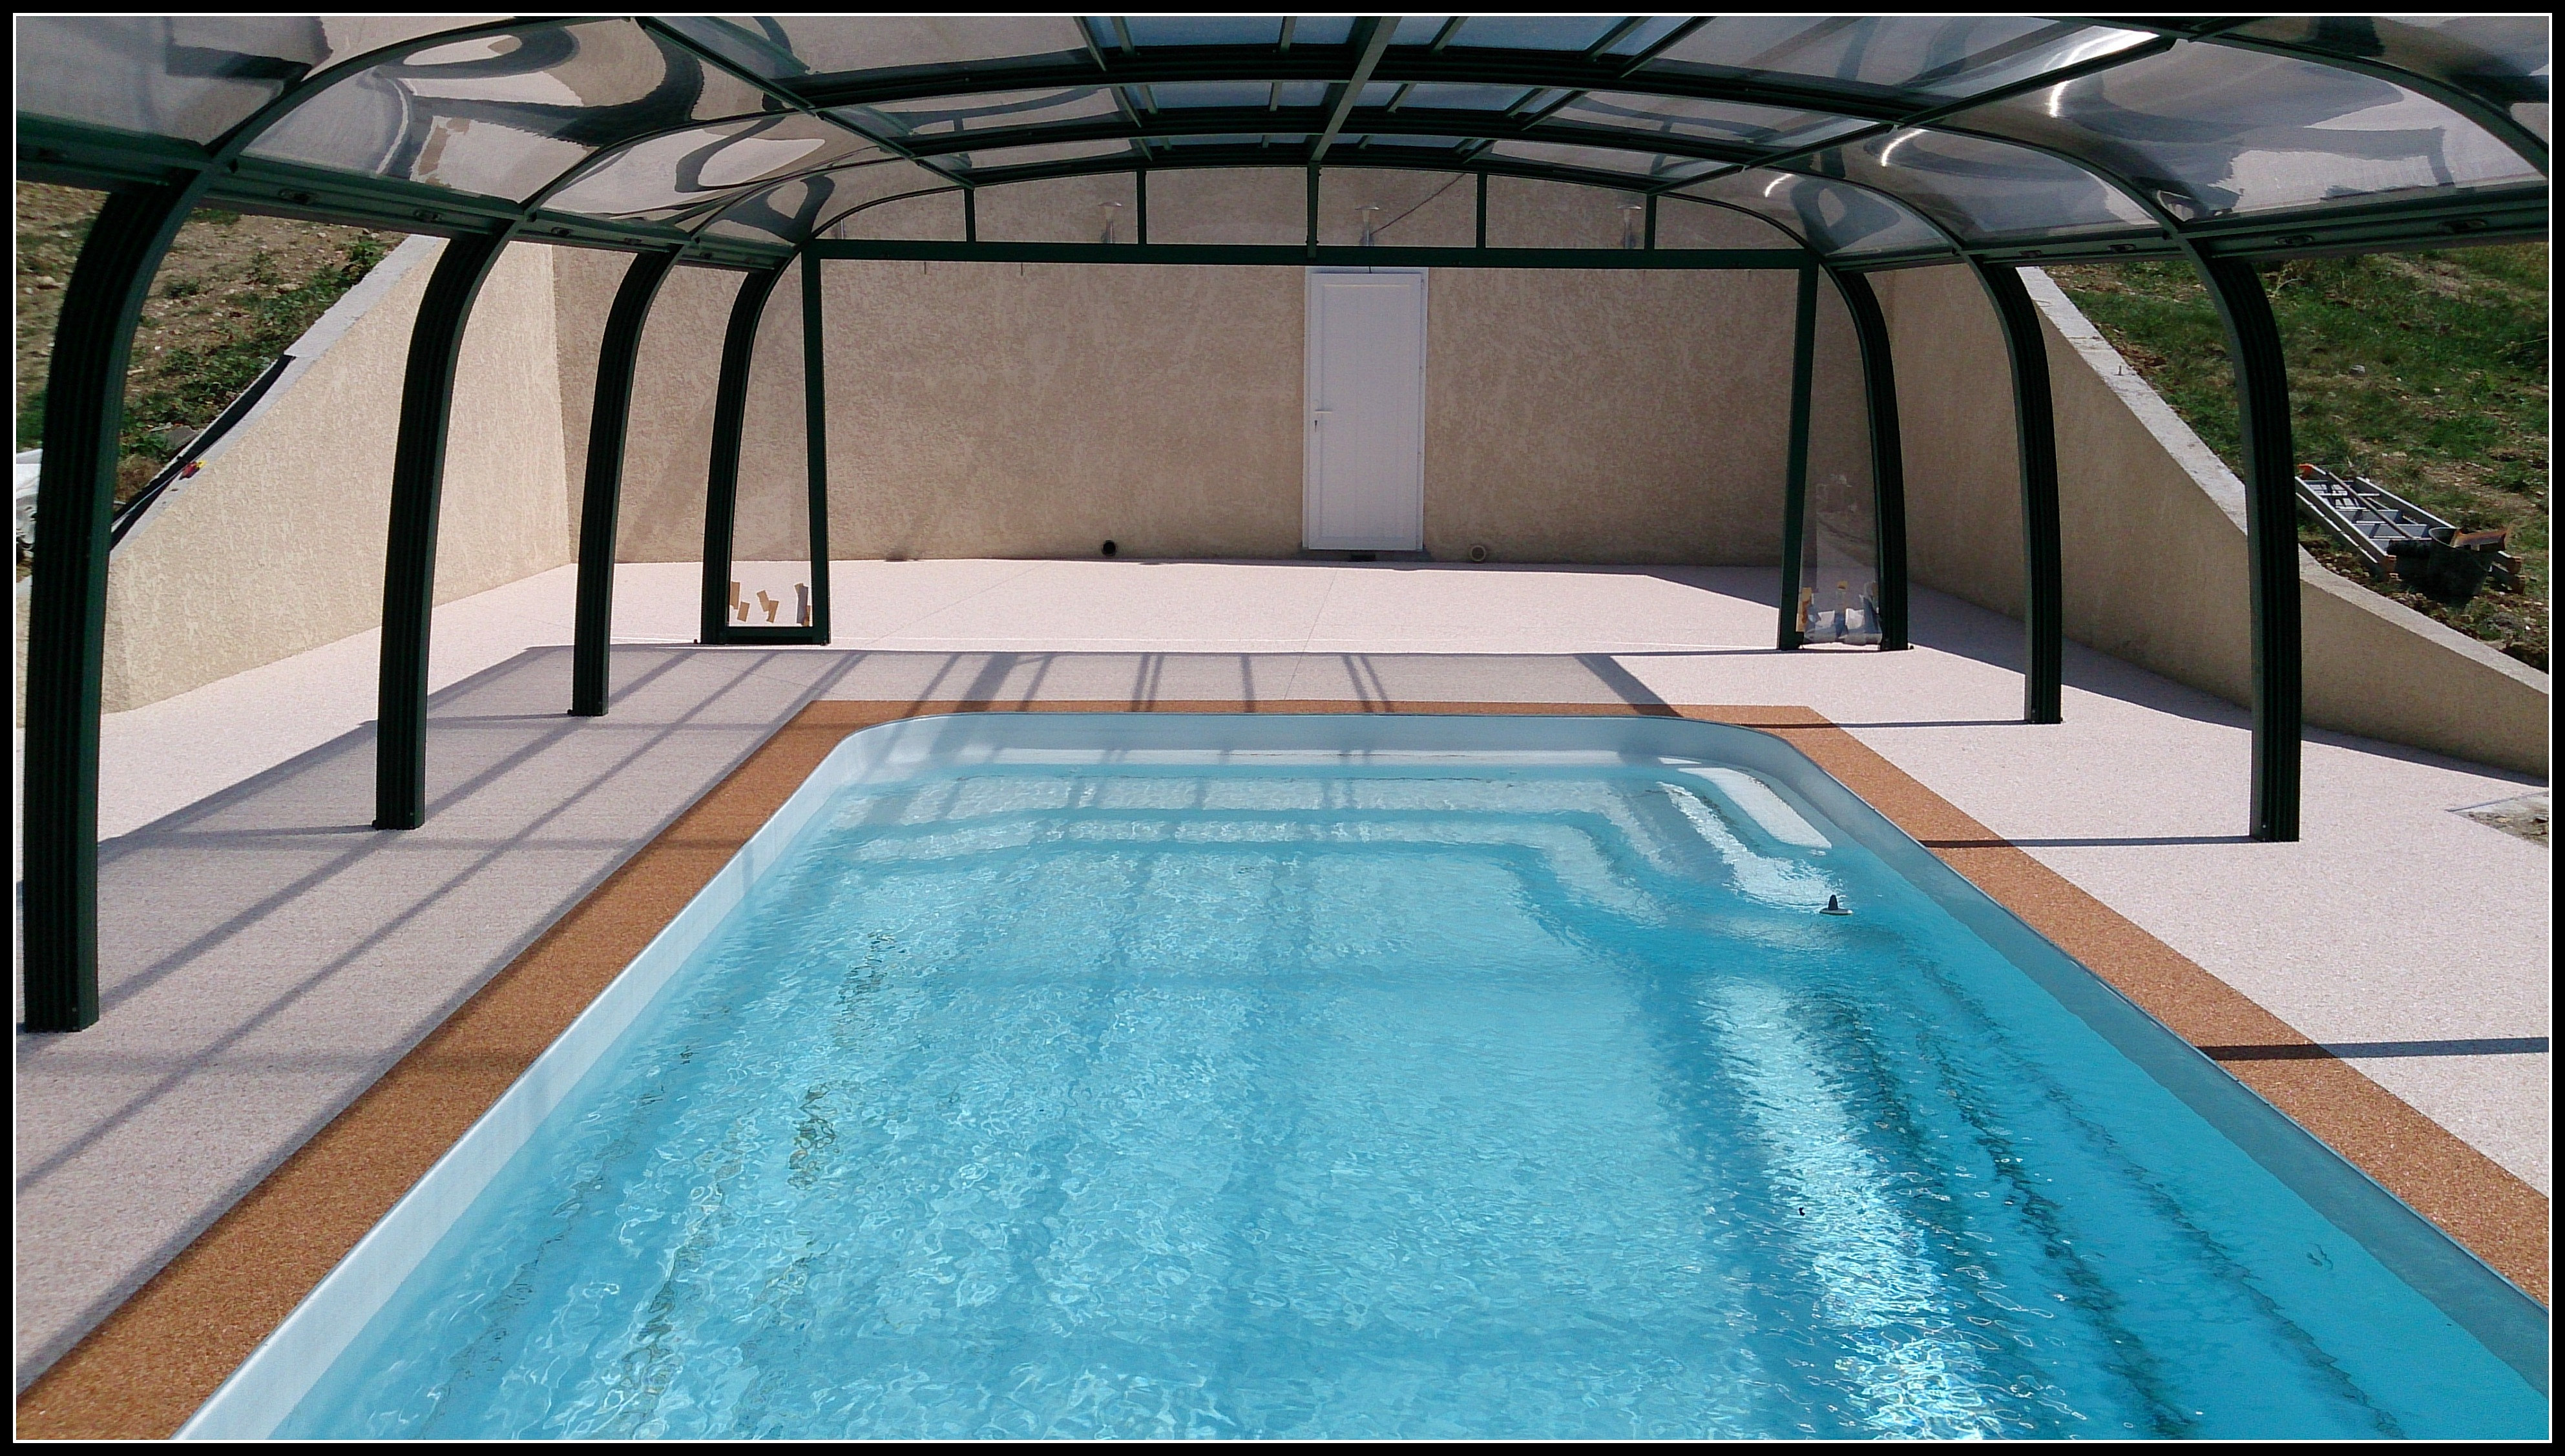 Pourtour de piscine en r sine - Pourtour de piscine ...